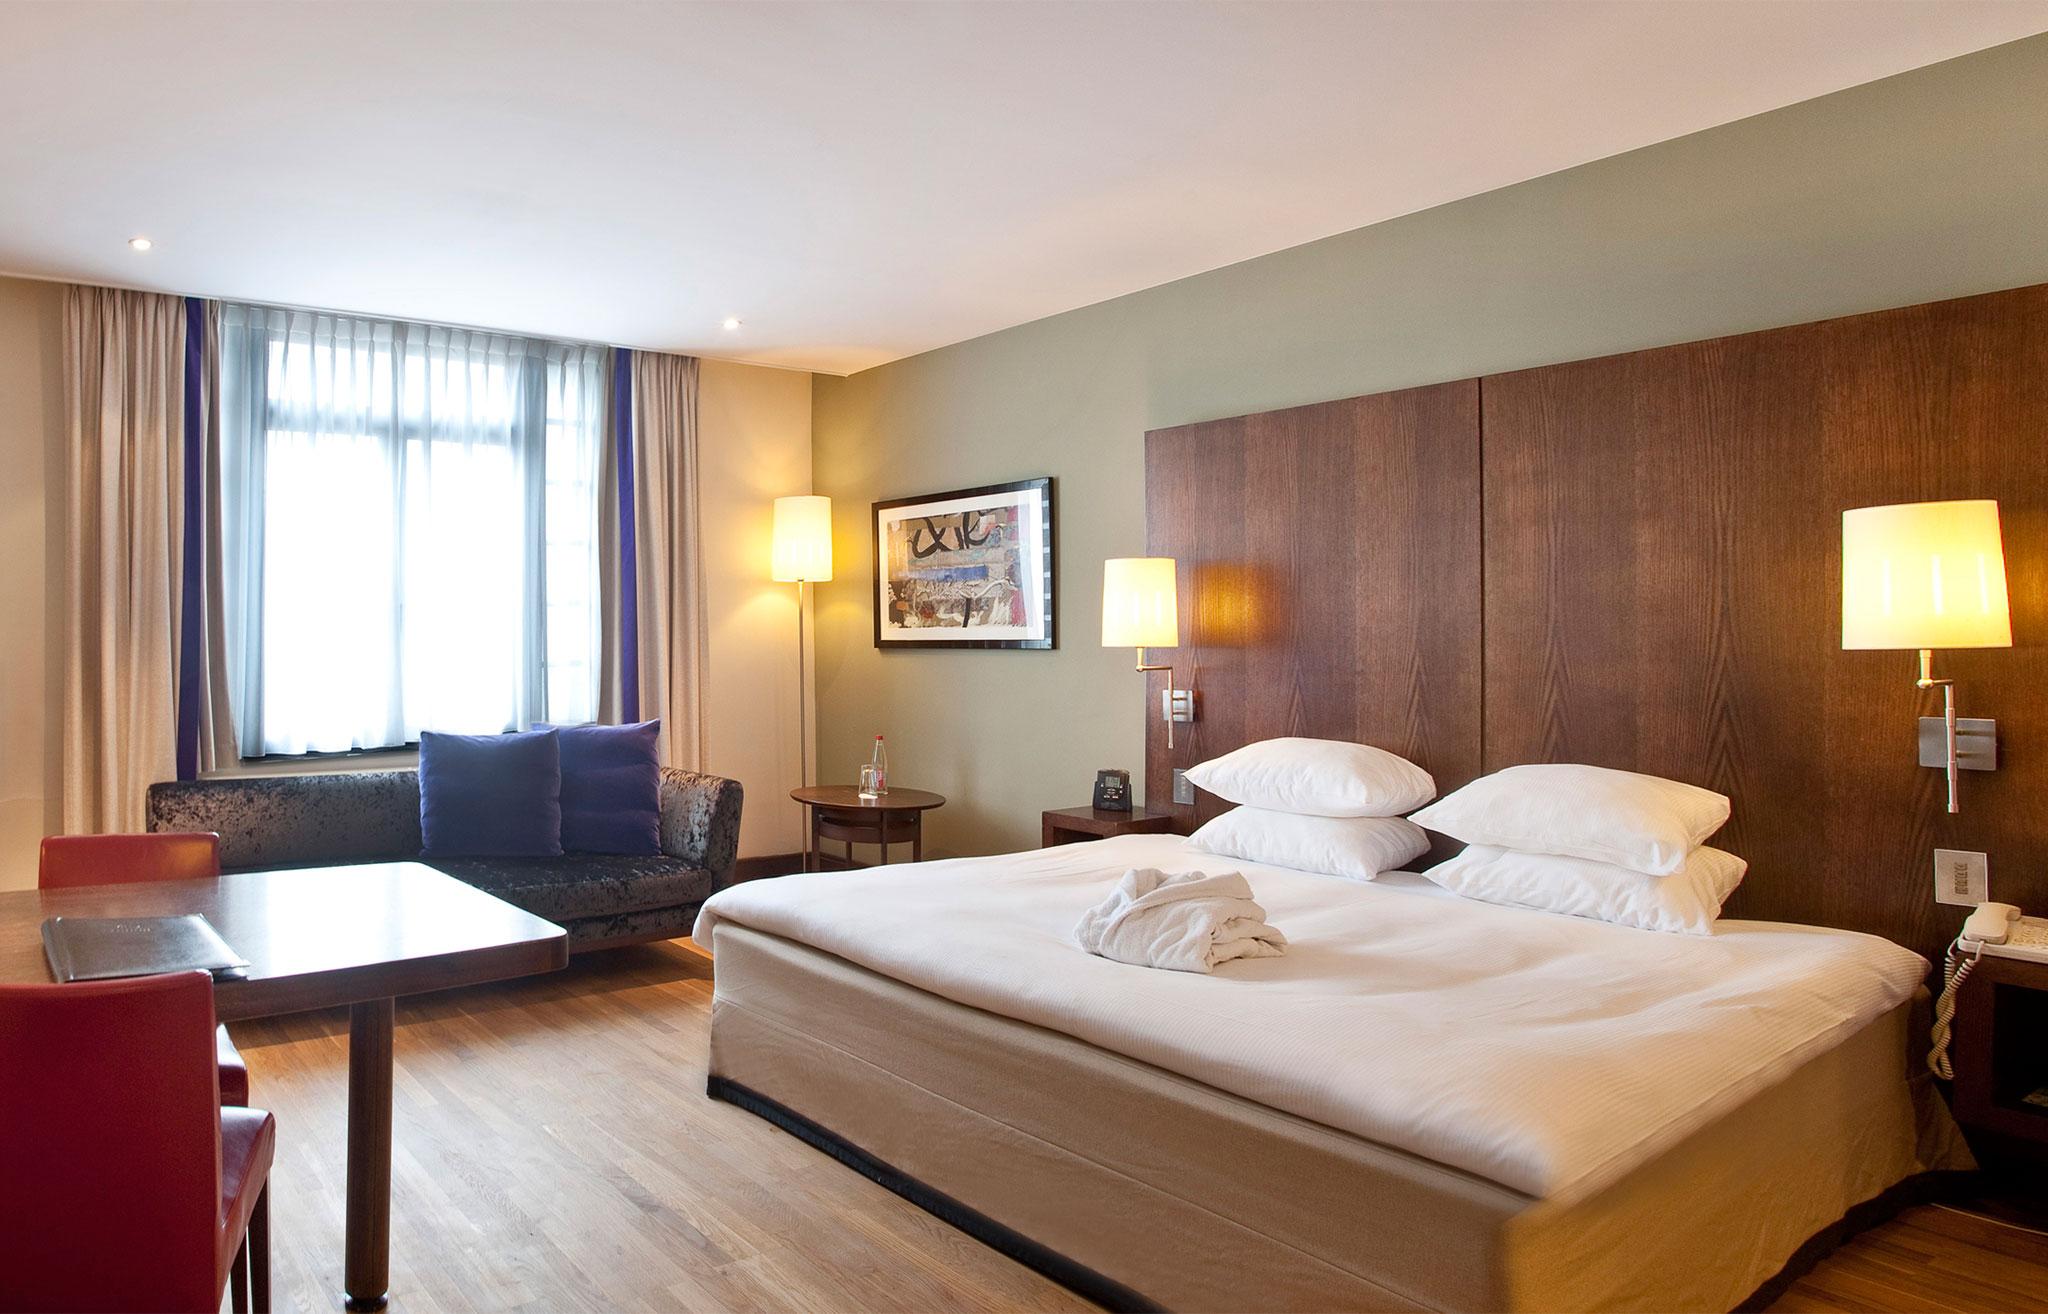 Stunning chambre dhotel de luxe 2 photos design trends for Chambre de luxe avec jacuzzi belgique